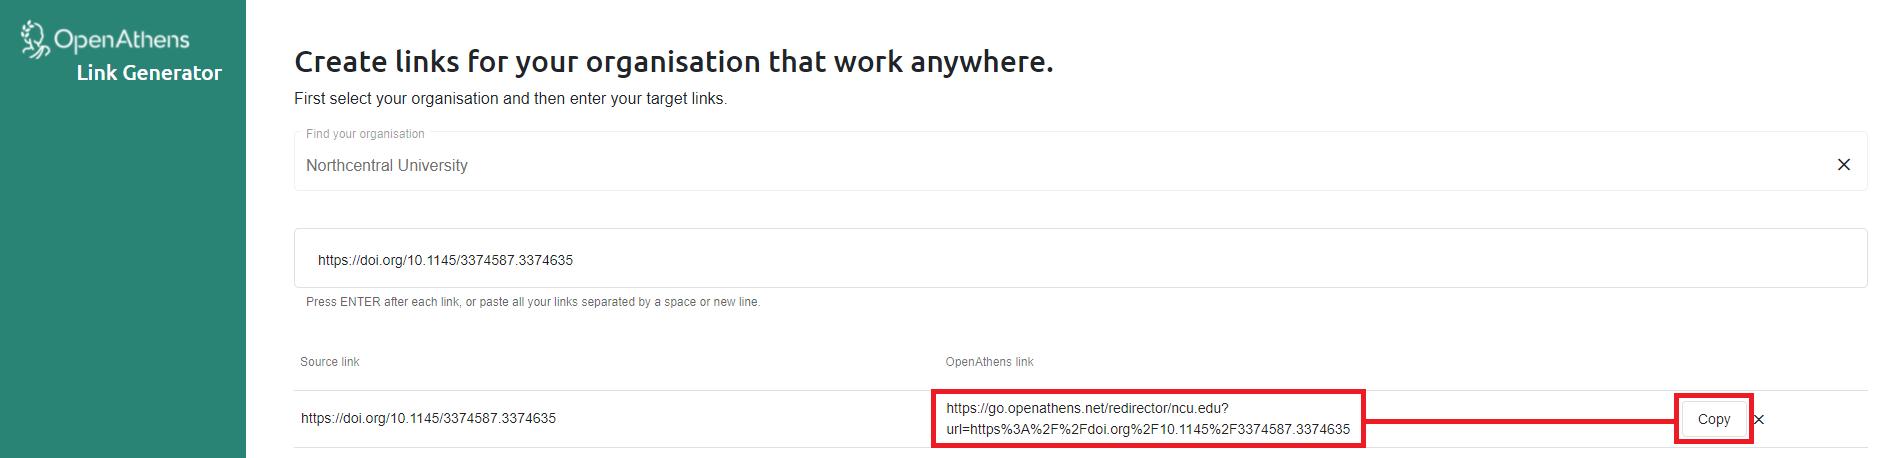 OpenAthens Redirector Link Generator